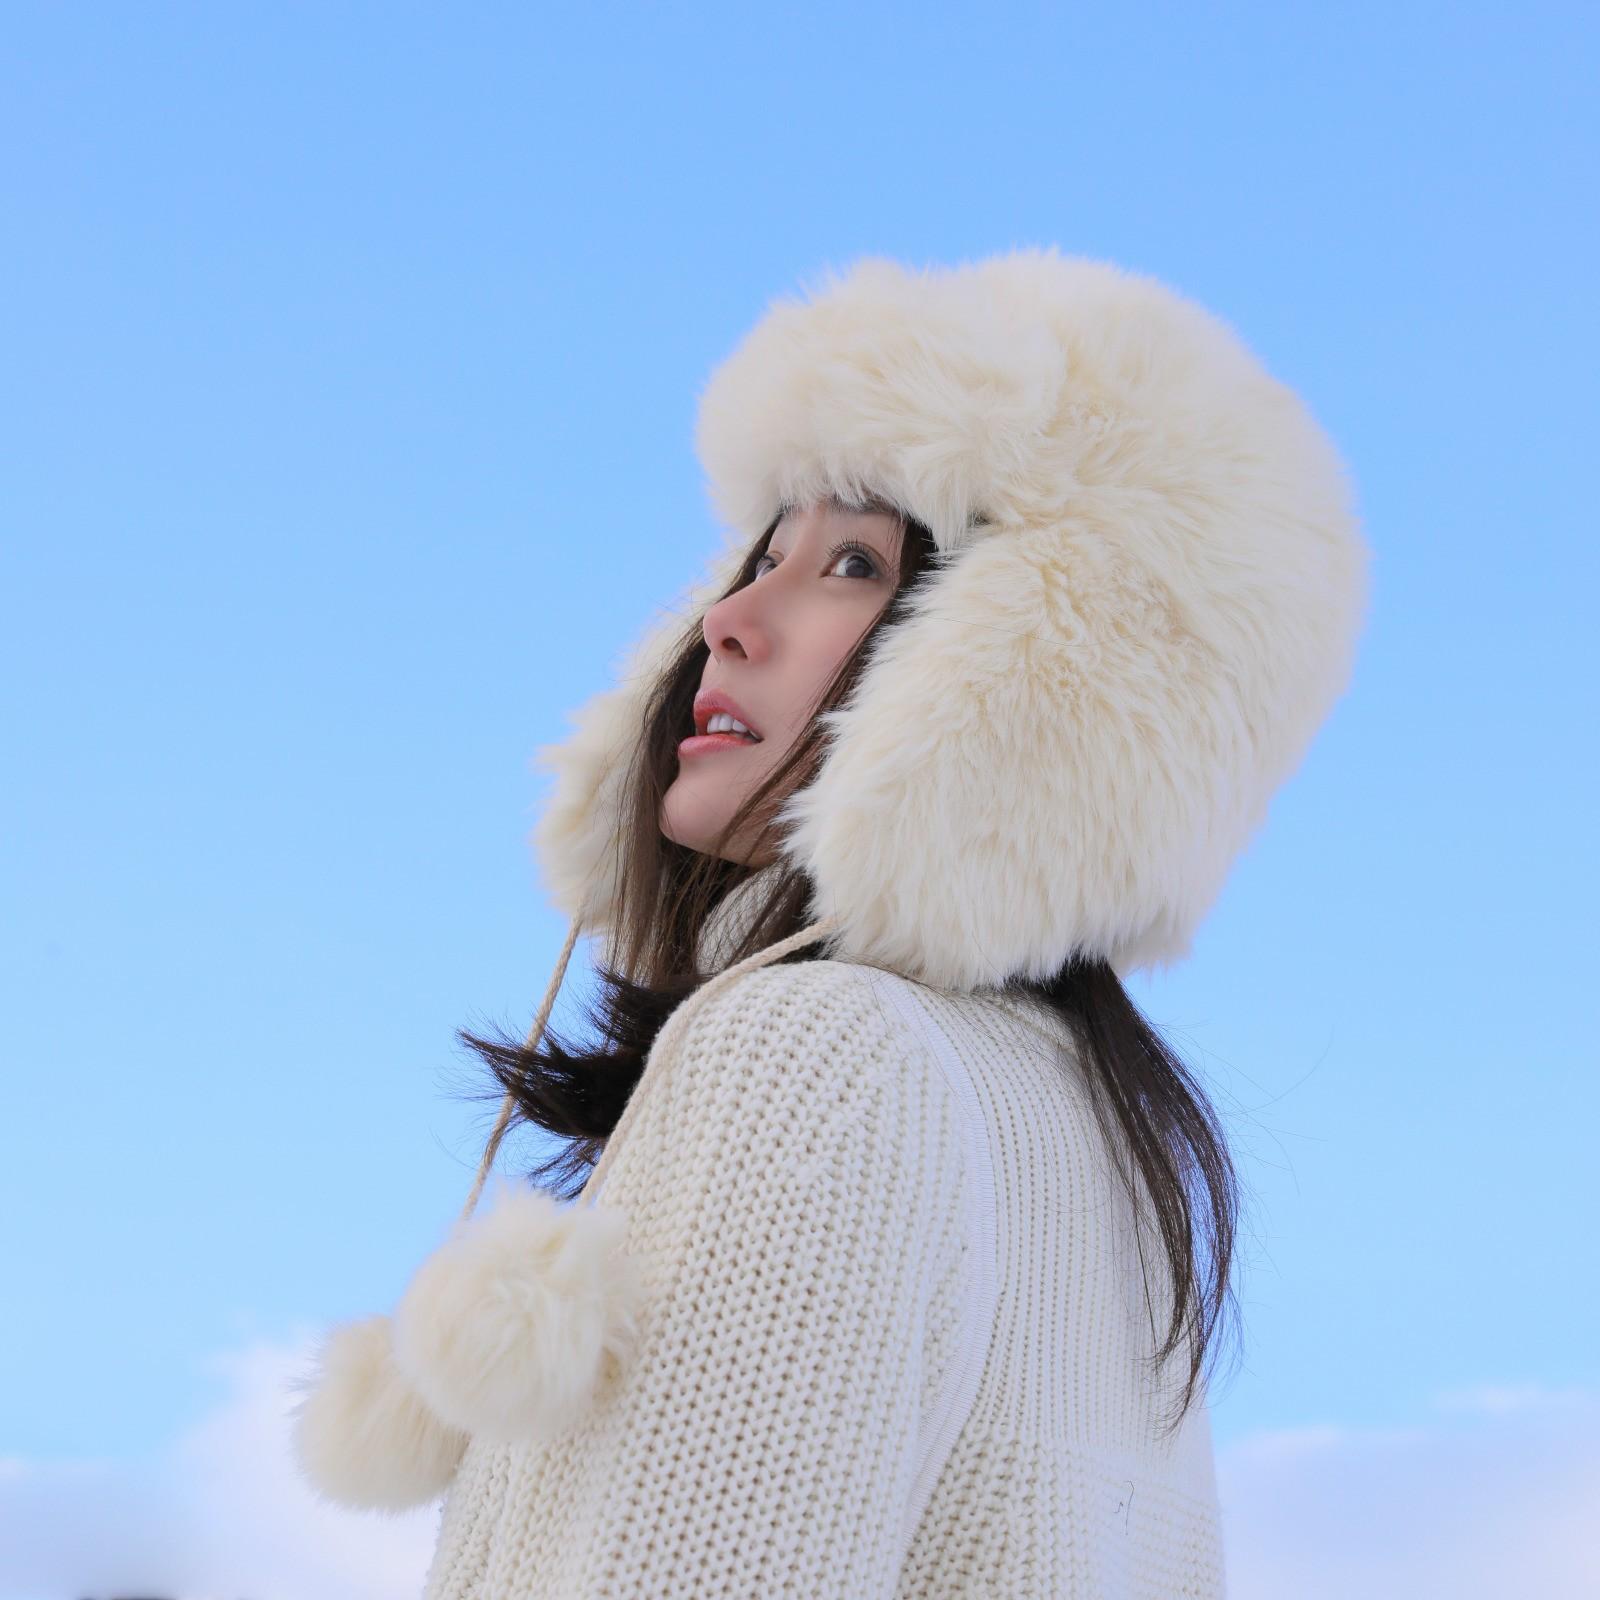 秦岚上传冬季写真美照笑容却堪比春日暖阳